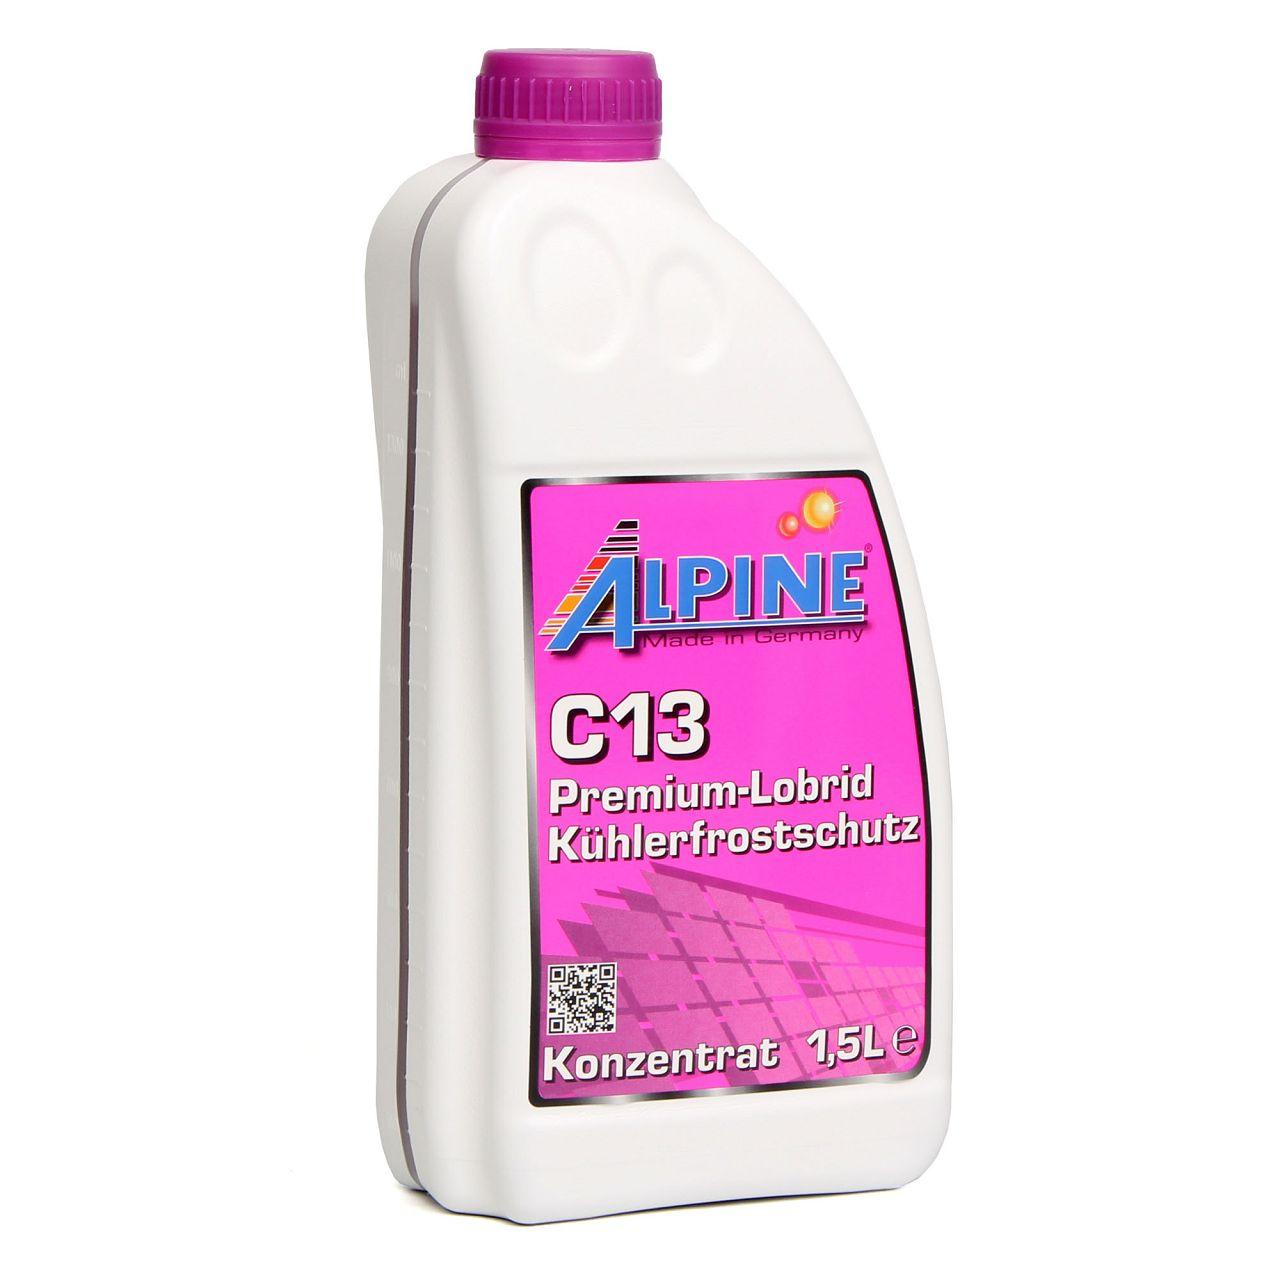 ALPINE Frostschutz PREMIUM Kühlerfrostschutz Konzentrat C13 G13 1,5L VIOLETT